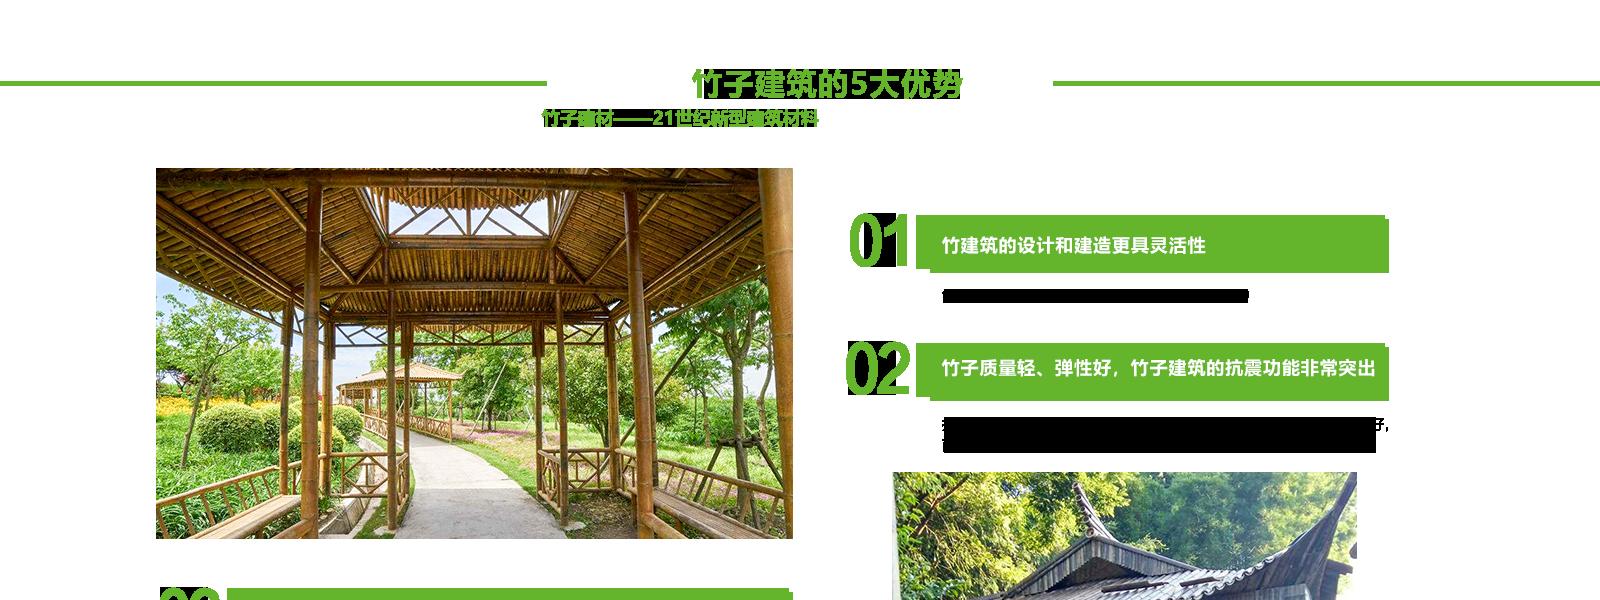 竹子建筑的特点